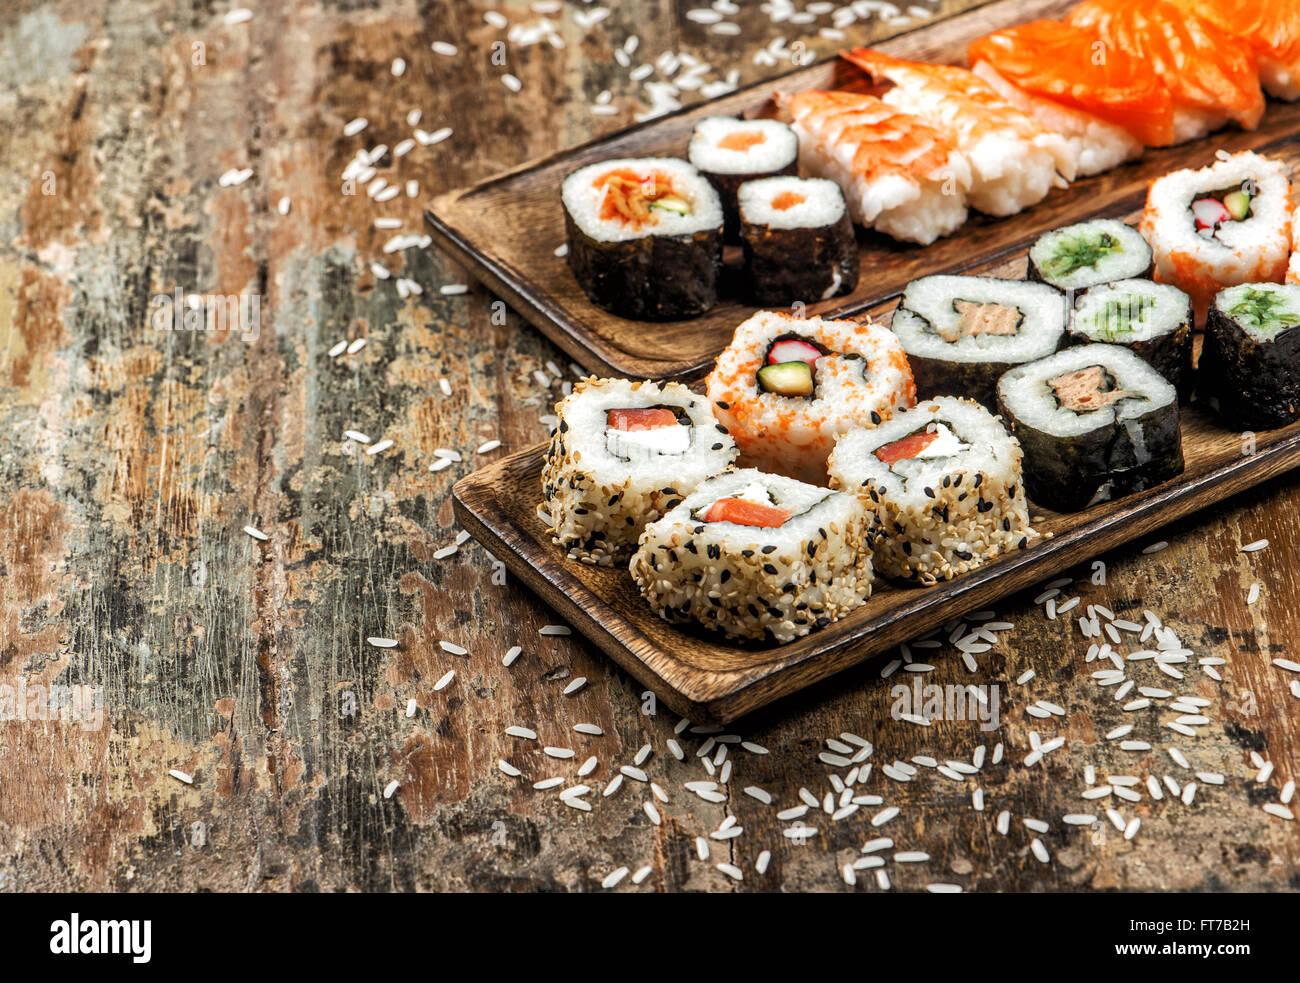 Sushi, maki, sashimi and sushi rolls on rustic wooden background - Stock Image